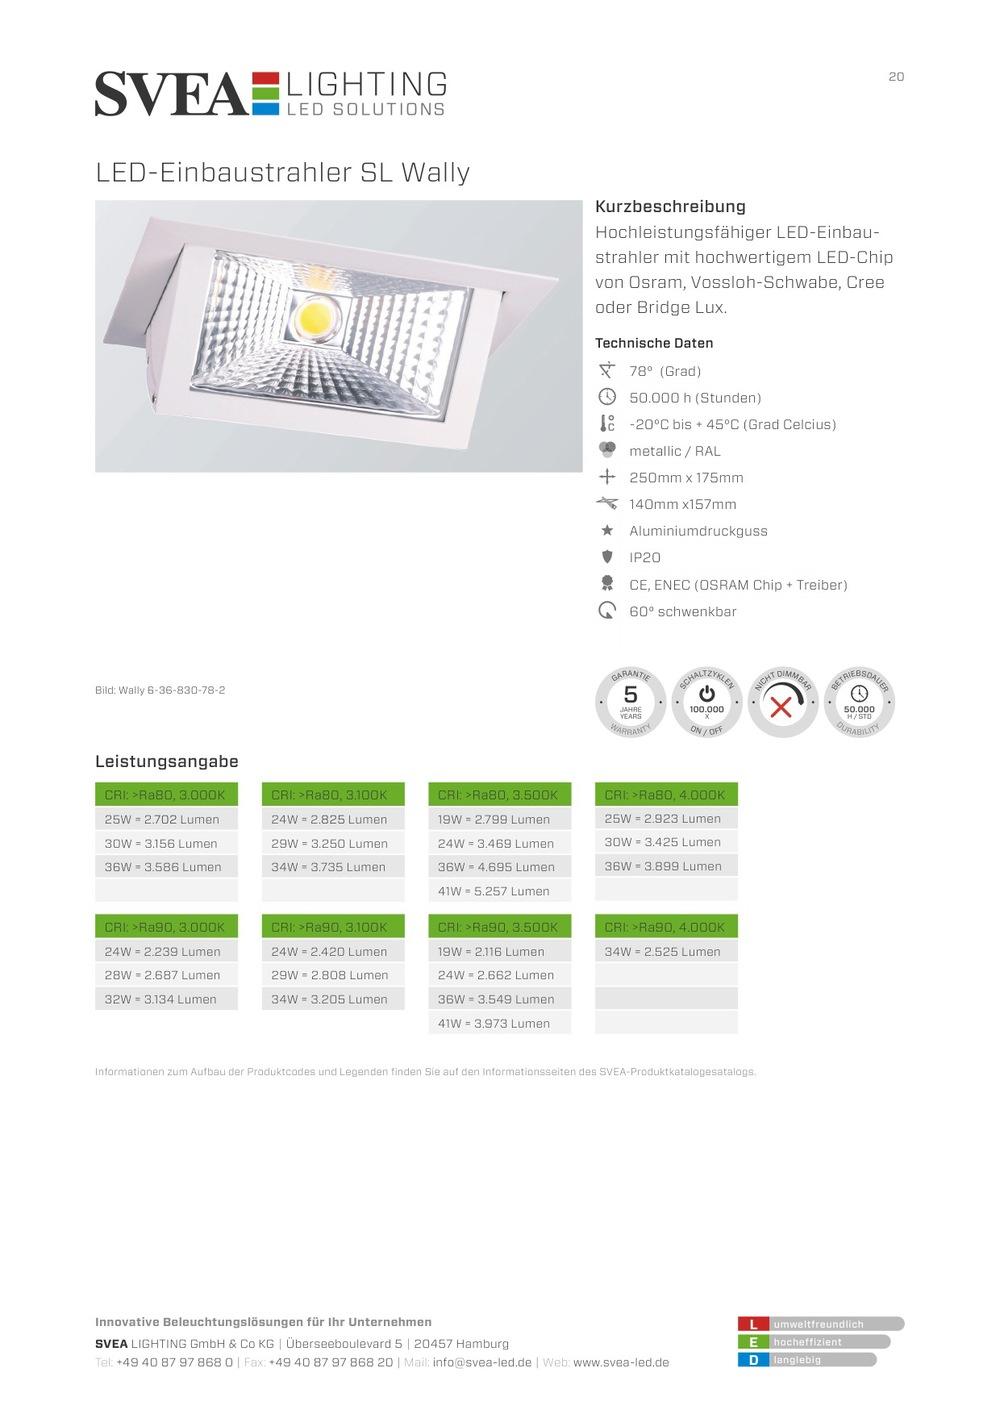 LED Einbaustrahler SL Wally.jpg